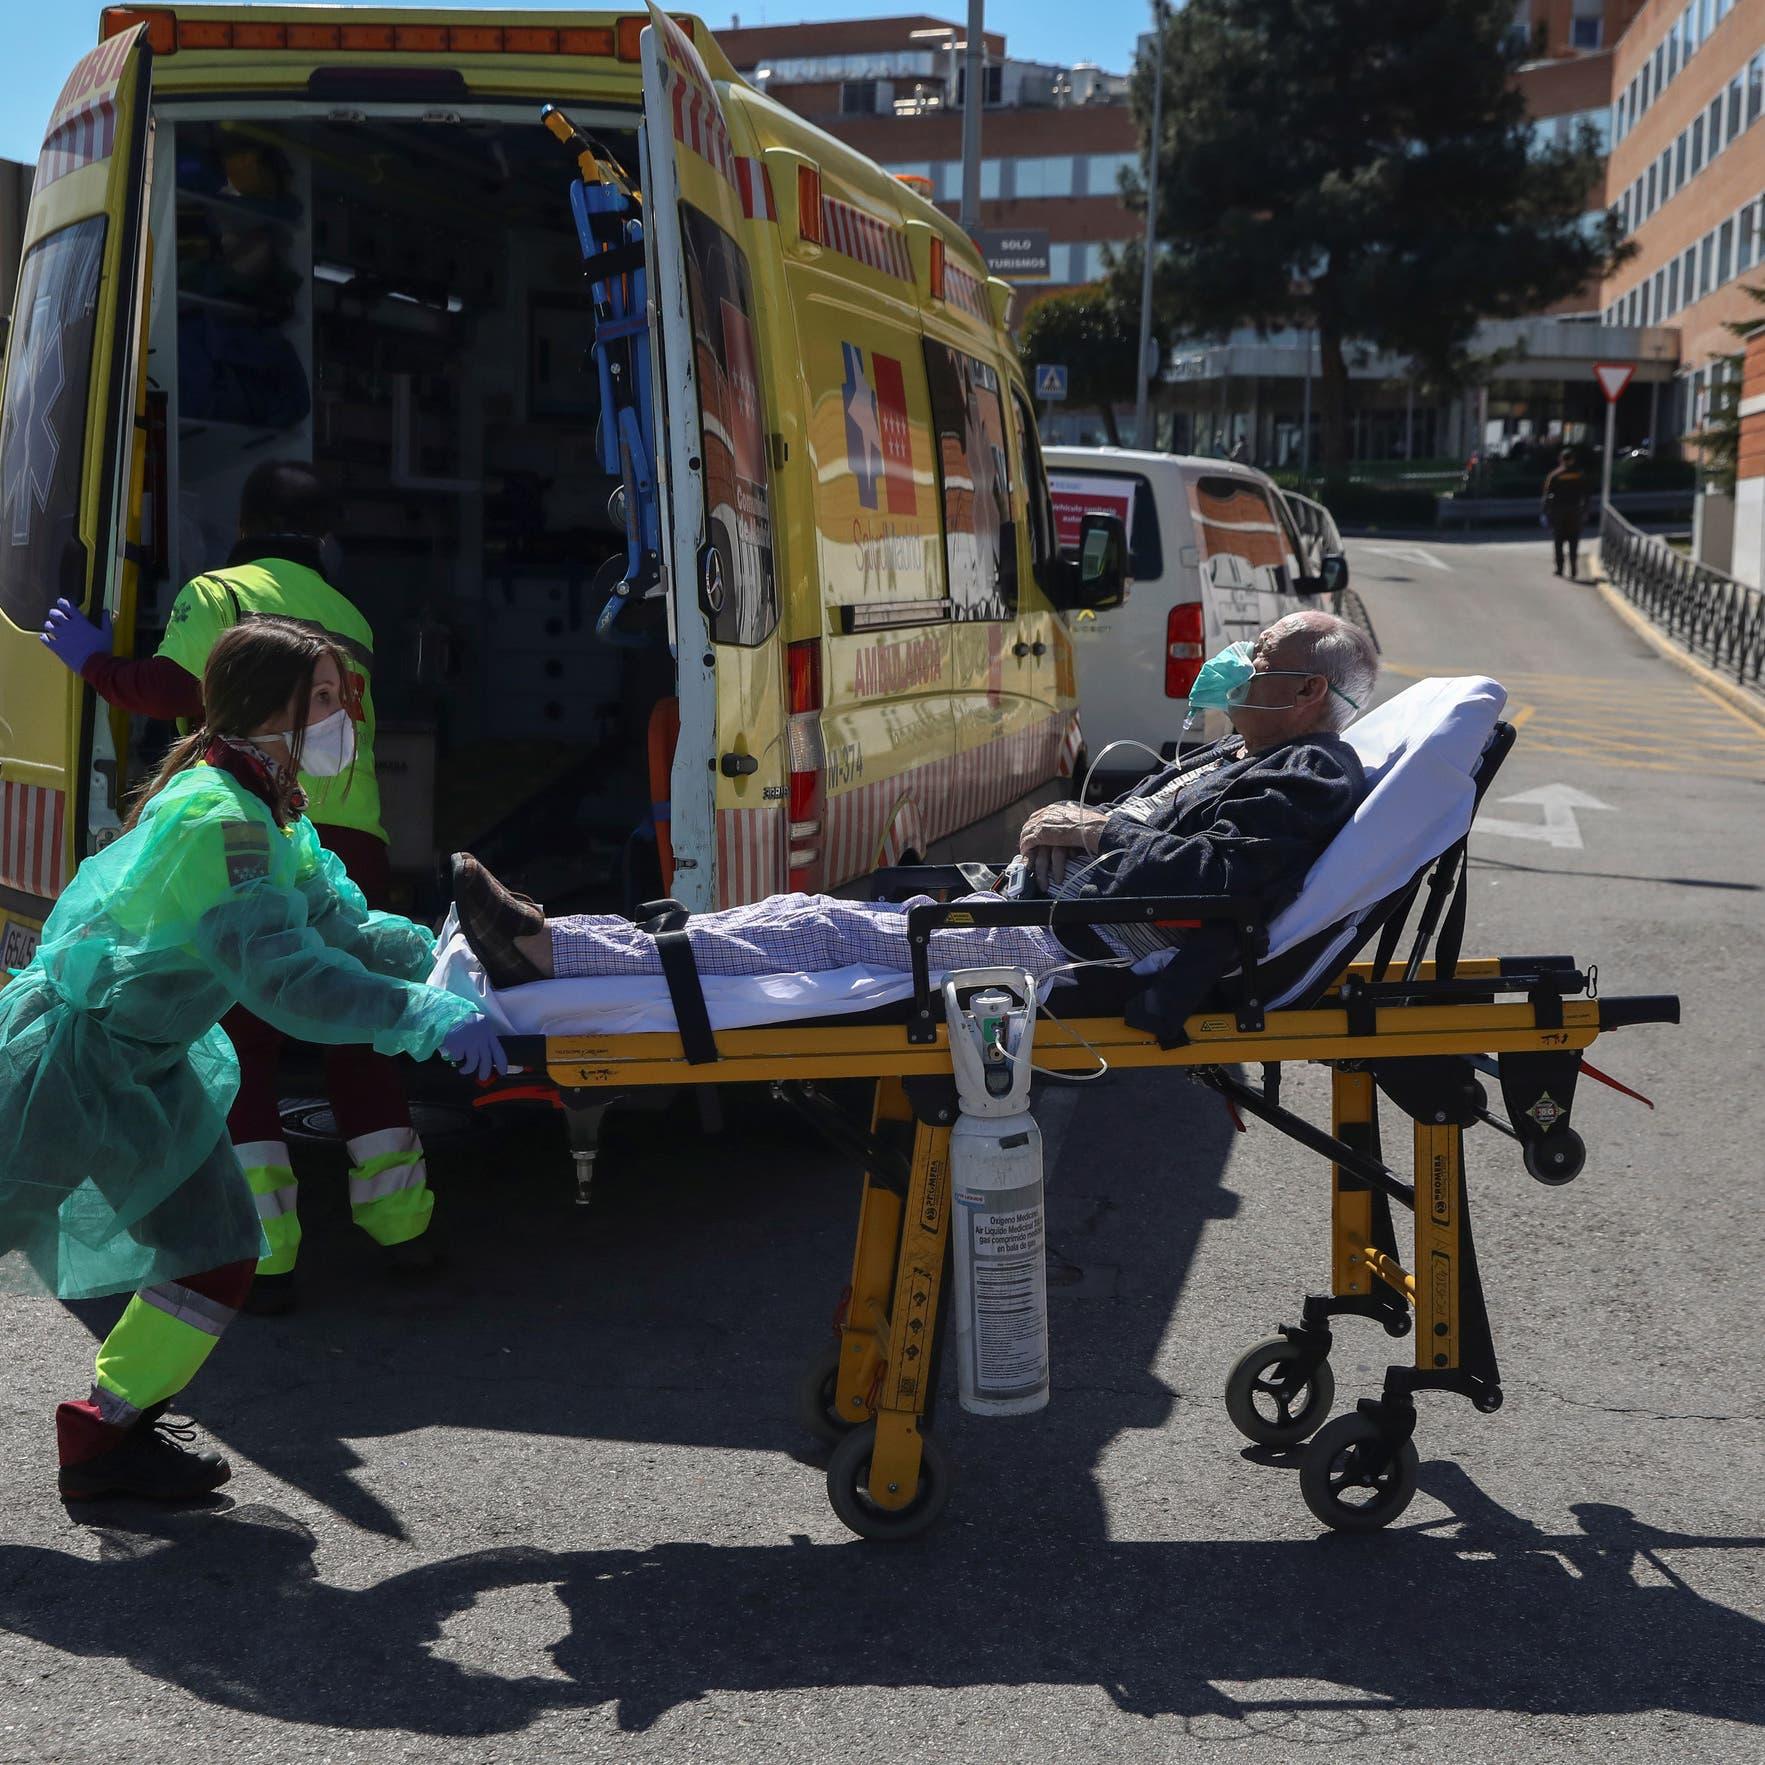 وفيات الوباء تتجاوز 35 ألفا عالميا.. والغالبية بأوروبا